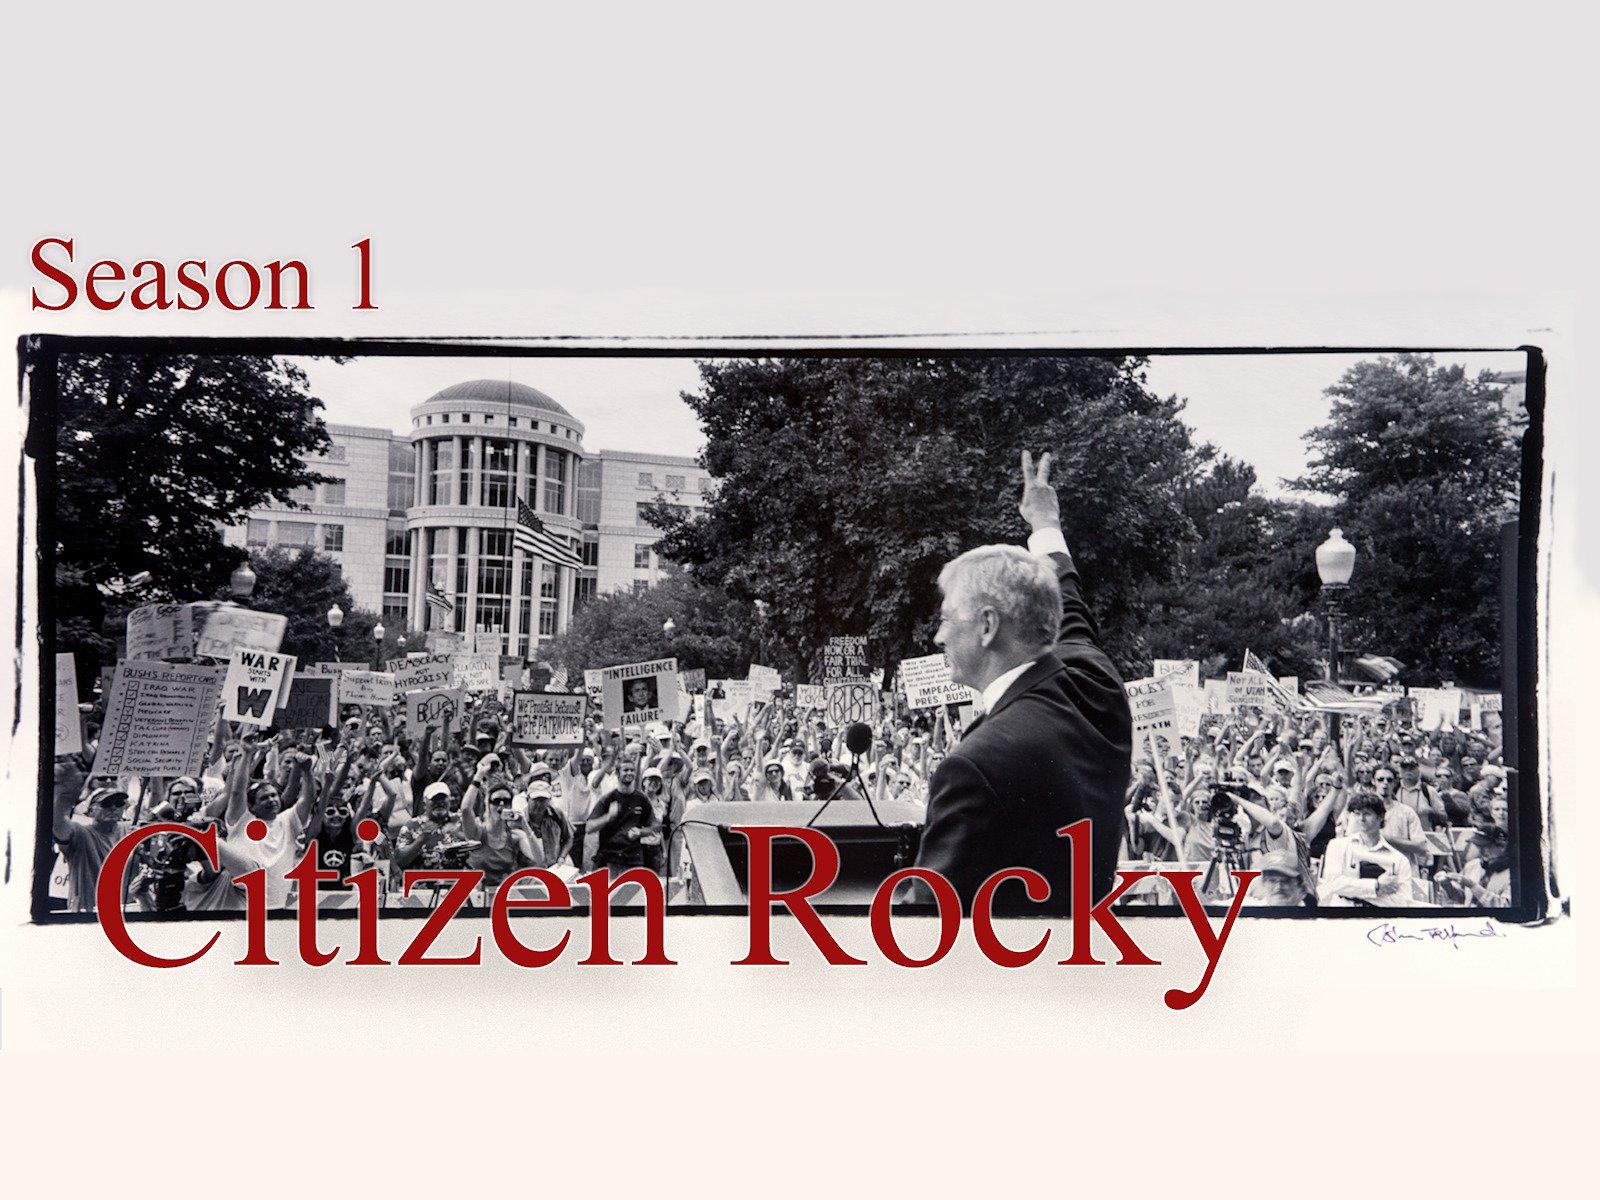 Citizen Rocky - Season 1